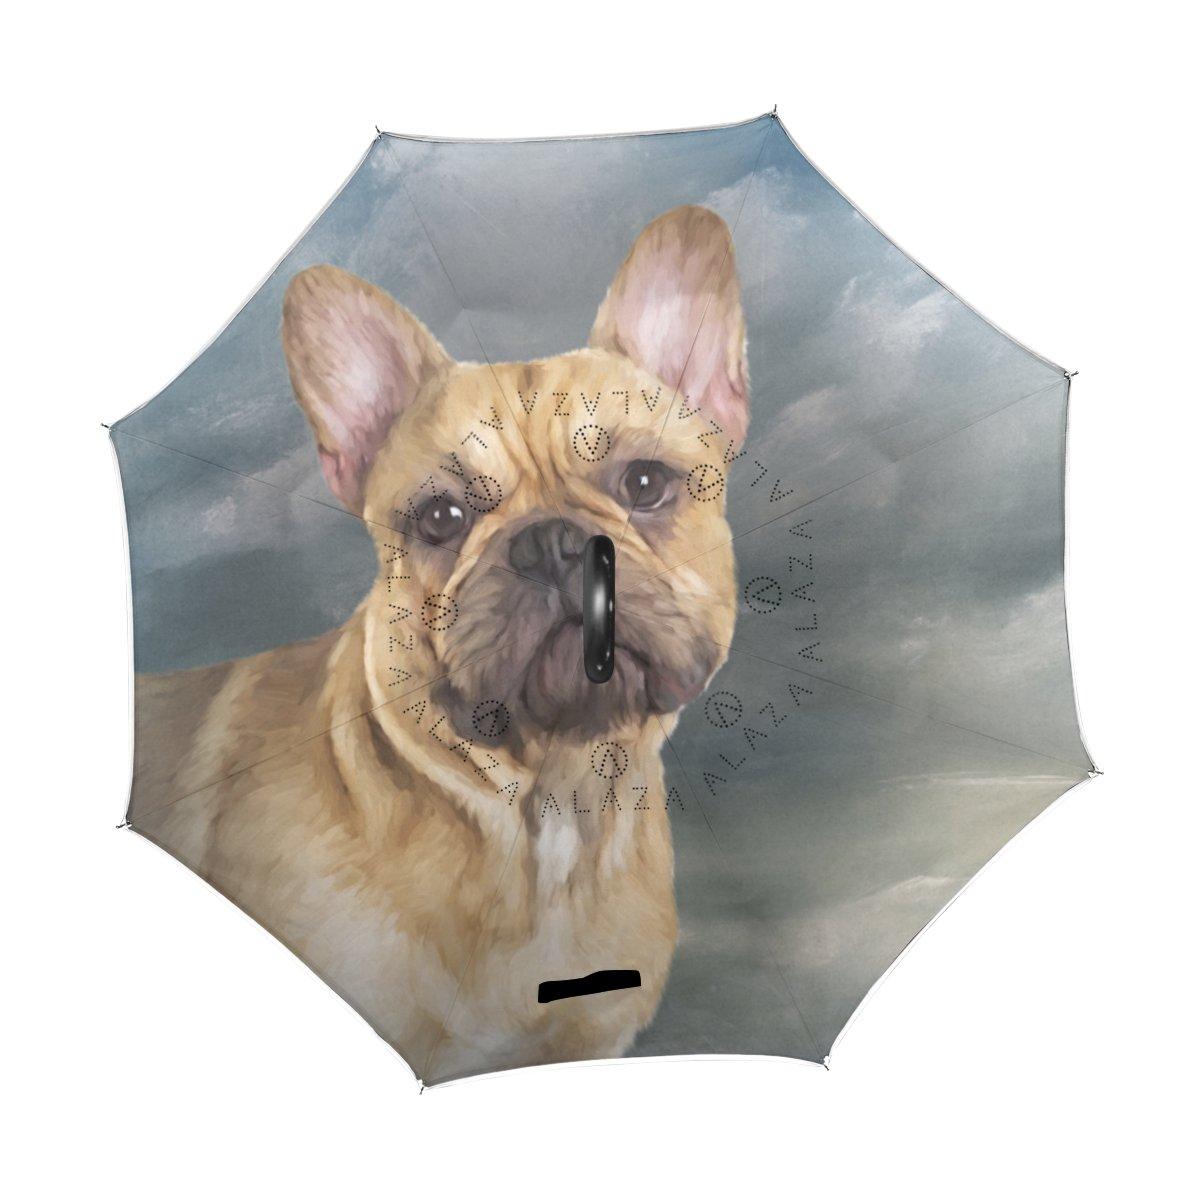 MyDaily Paraguas invertido de Doble Capa para Coches, Paraguas invertido, Paraguas Francés Bulldog Resistente al Viento, Resistente a los Rayos UV, ...